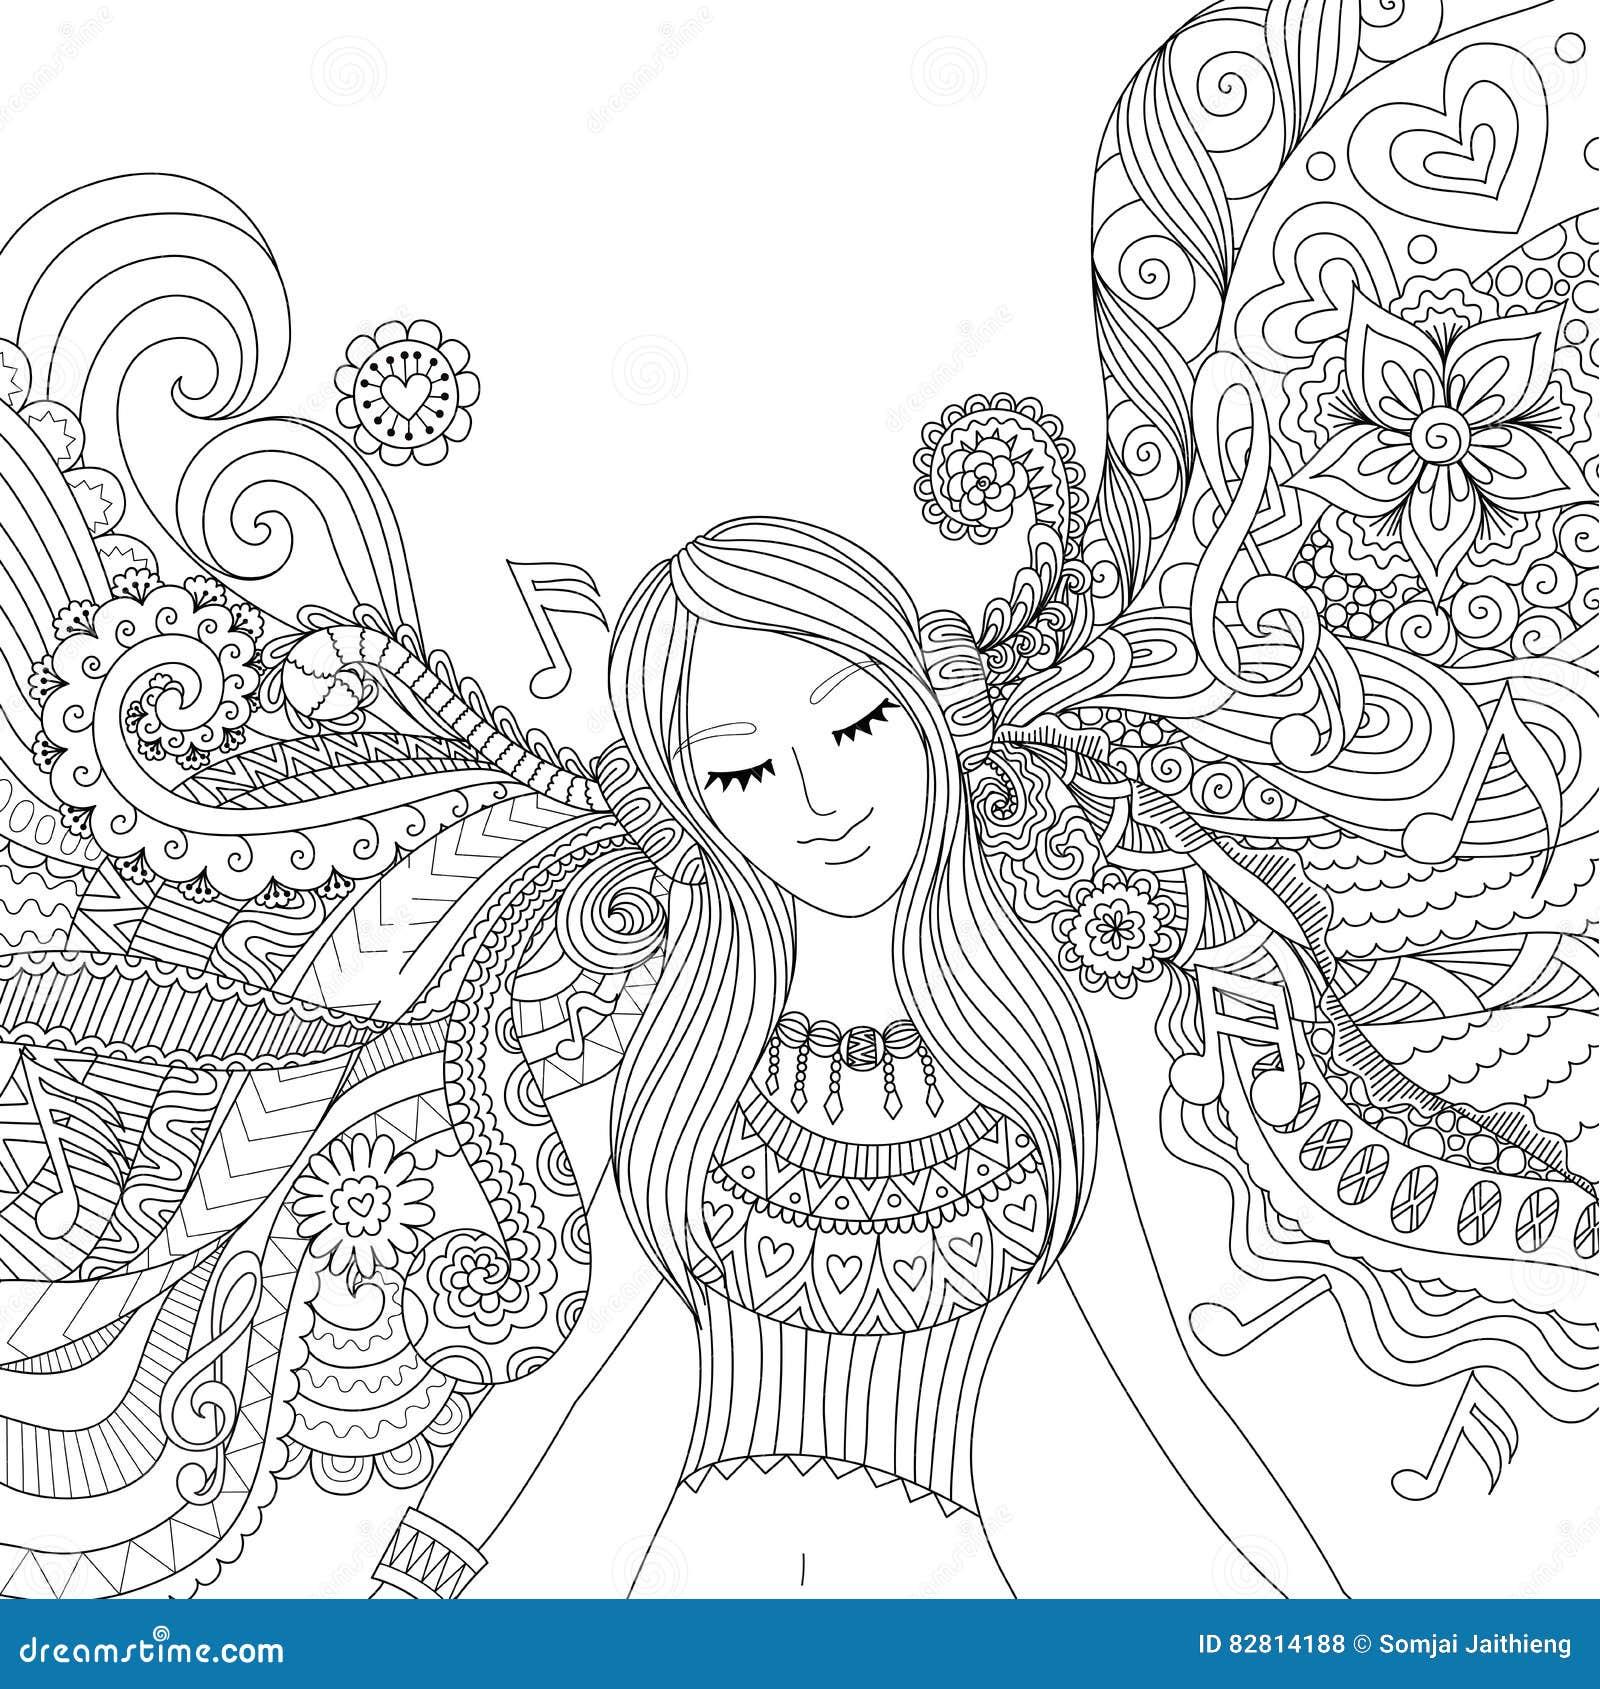 La Fille Ecoutent Livre De Coloriage D Adulte De Musique Illustration De Vecteur Illustration Du Adulte Musique 82814188